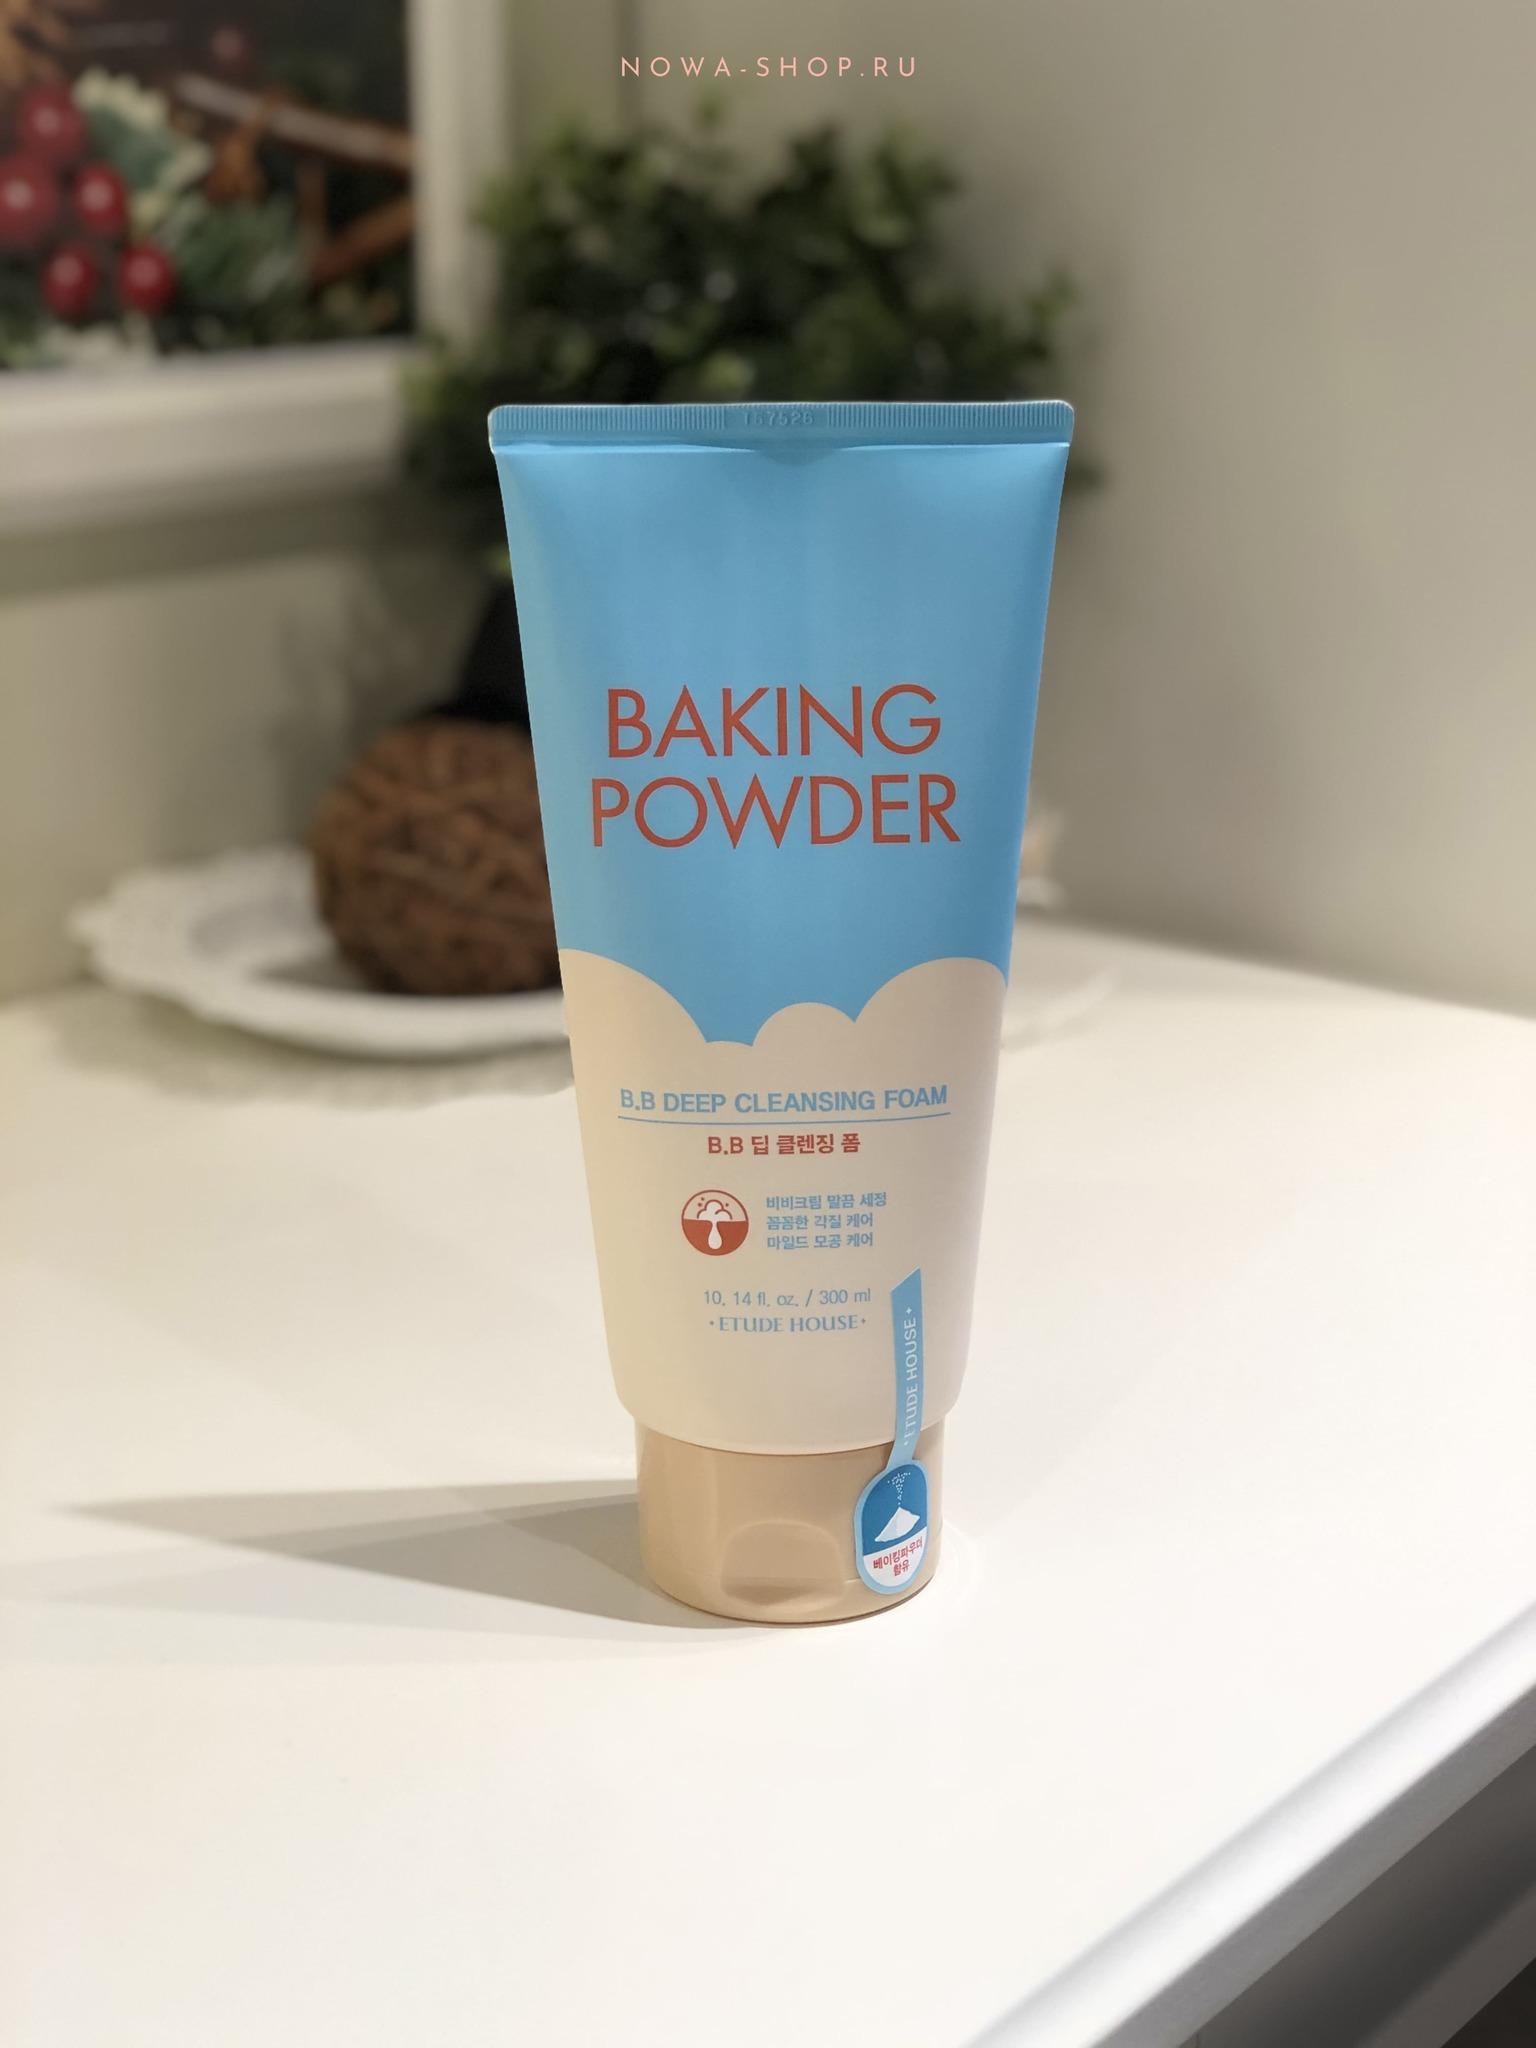 Etude House Baking Powder B.B Deep Cleansing Foam - Очищающая пенка для снятия ББ-крема с содой